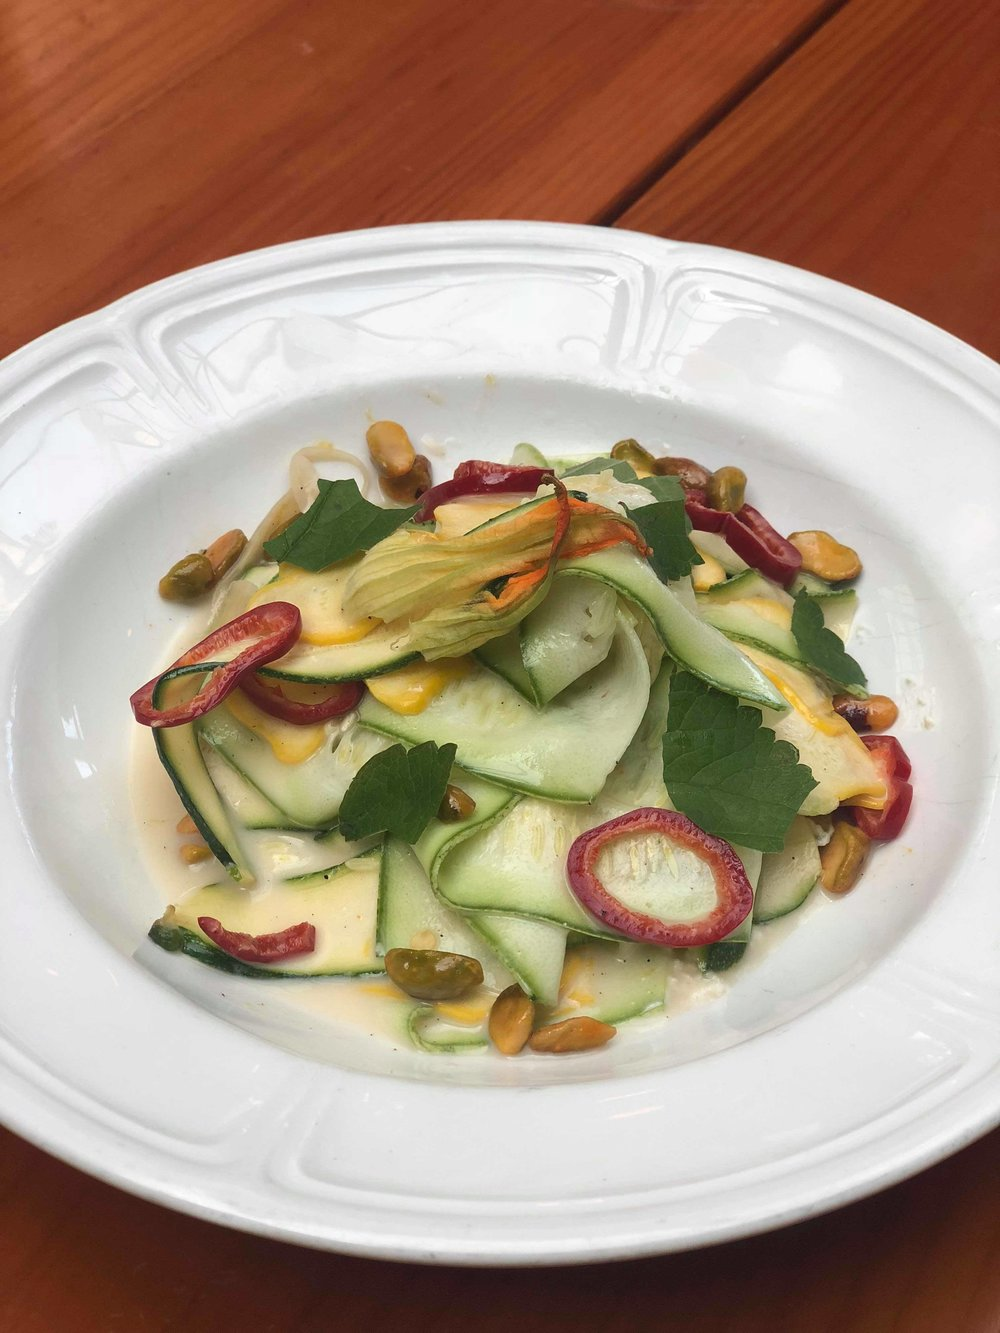 Summer Squashes: fromage blanc, fennel, hyssop, chili, pistachio, lemon vinaigrette